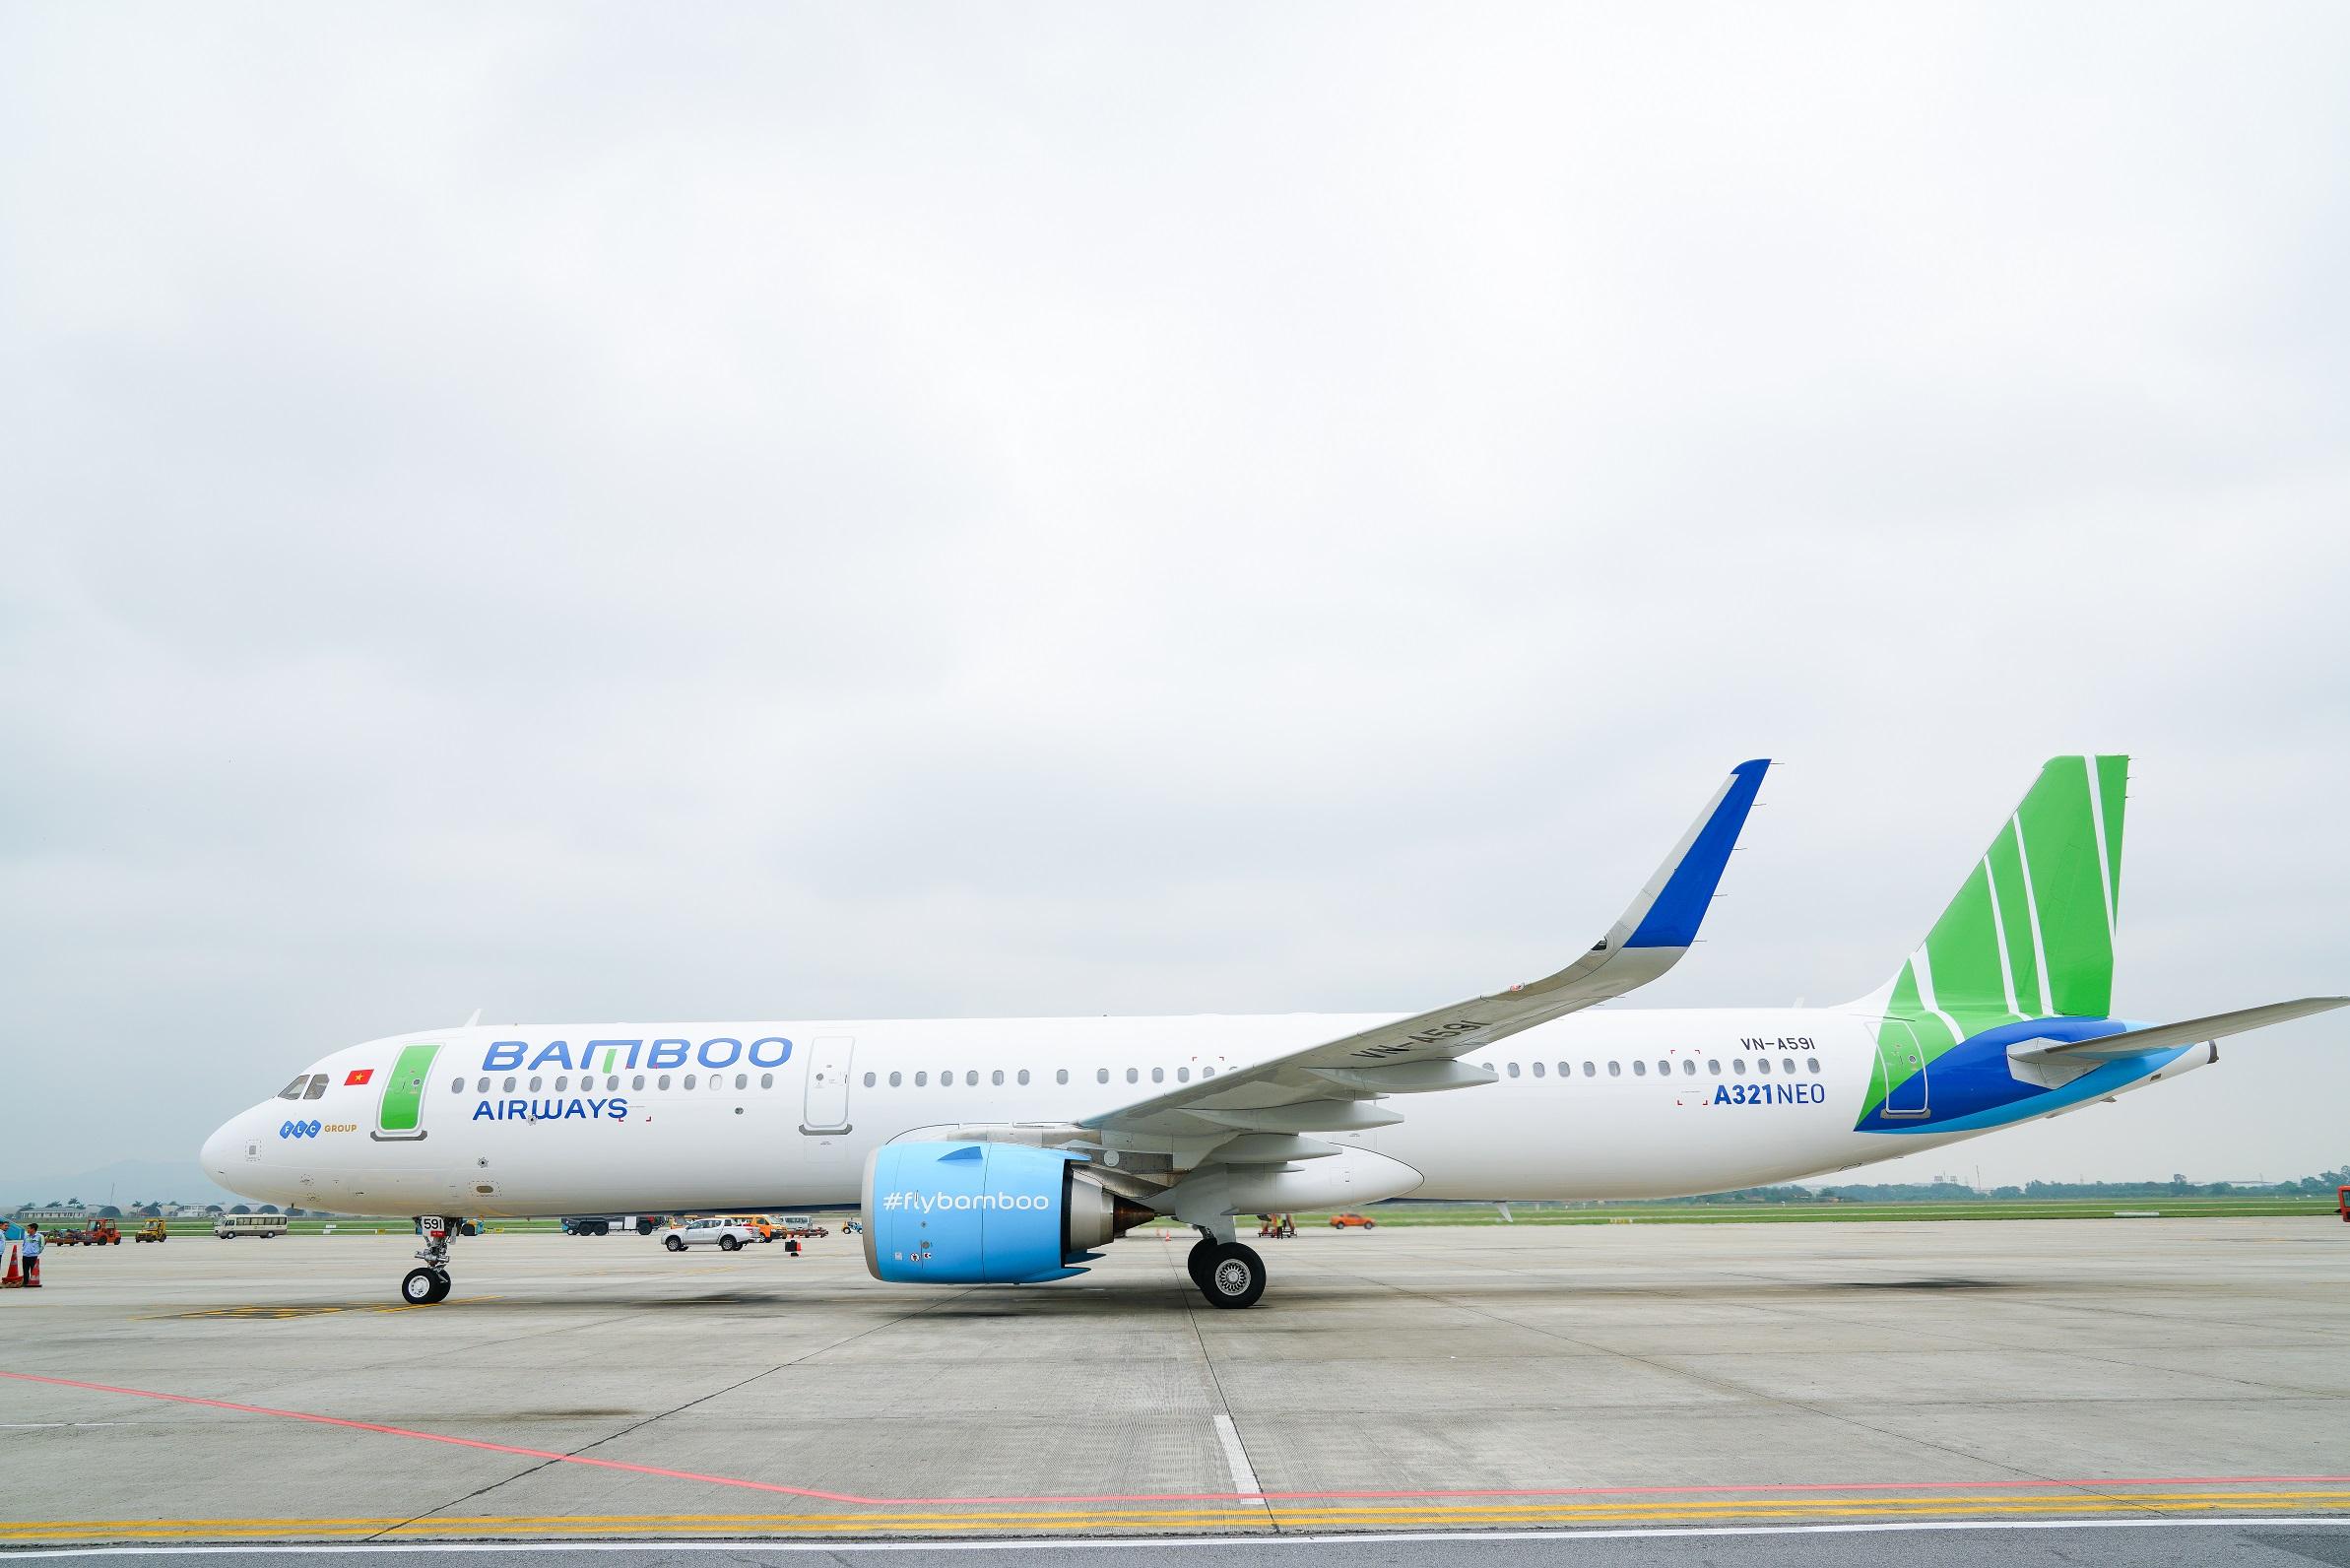 越竹航空將於11月8日至11日ITF旅展期間推出超殺優惠和活動(圖/越竹航空)